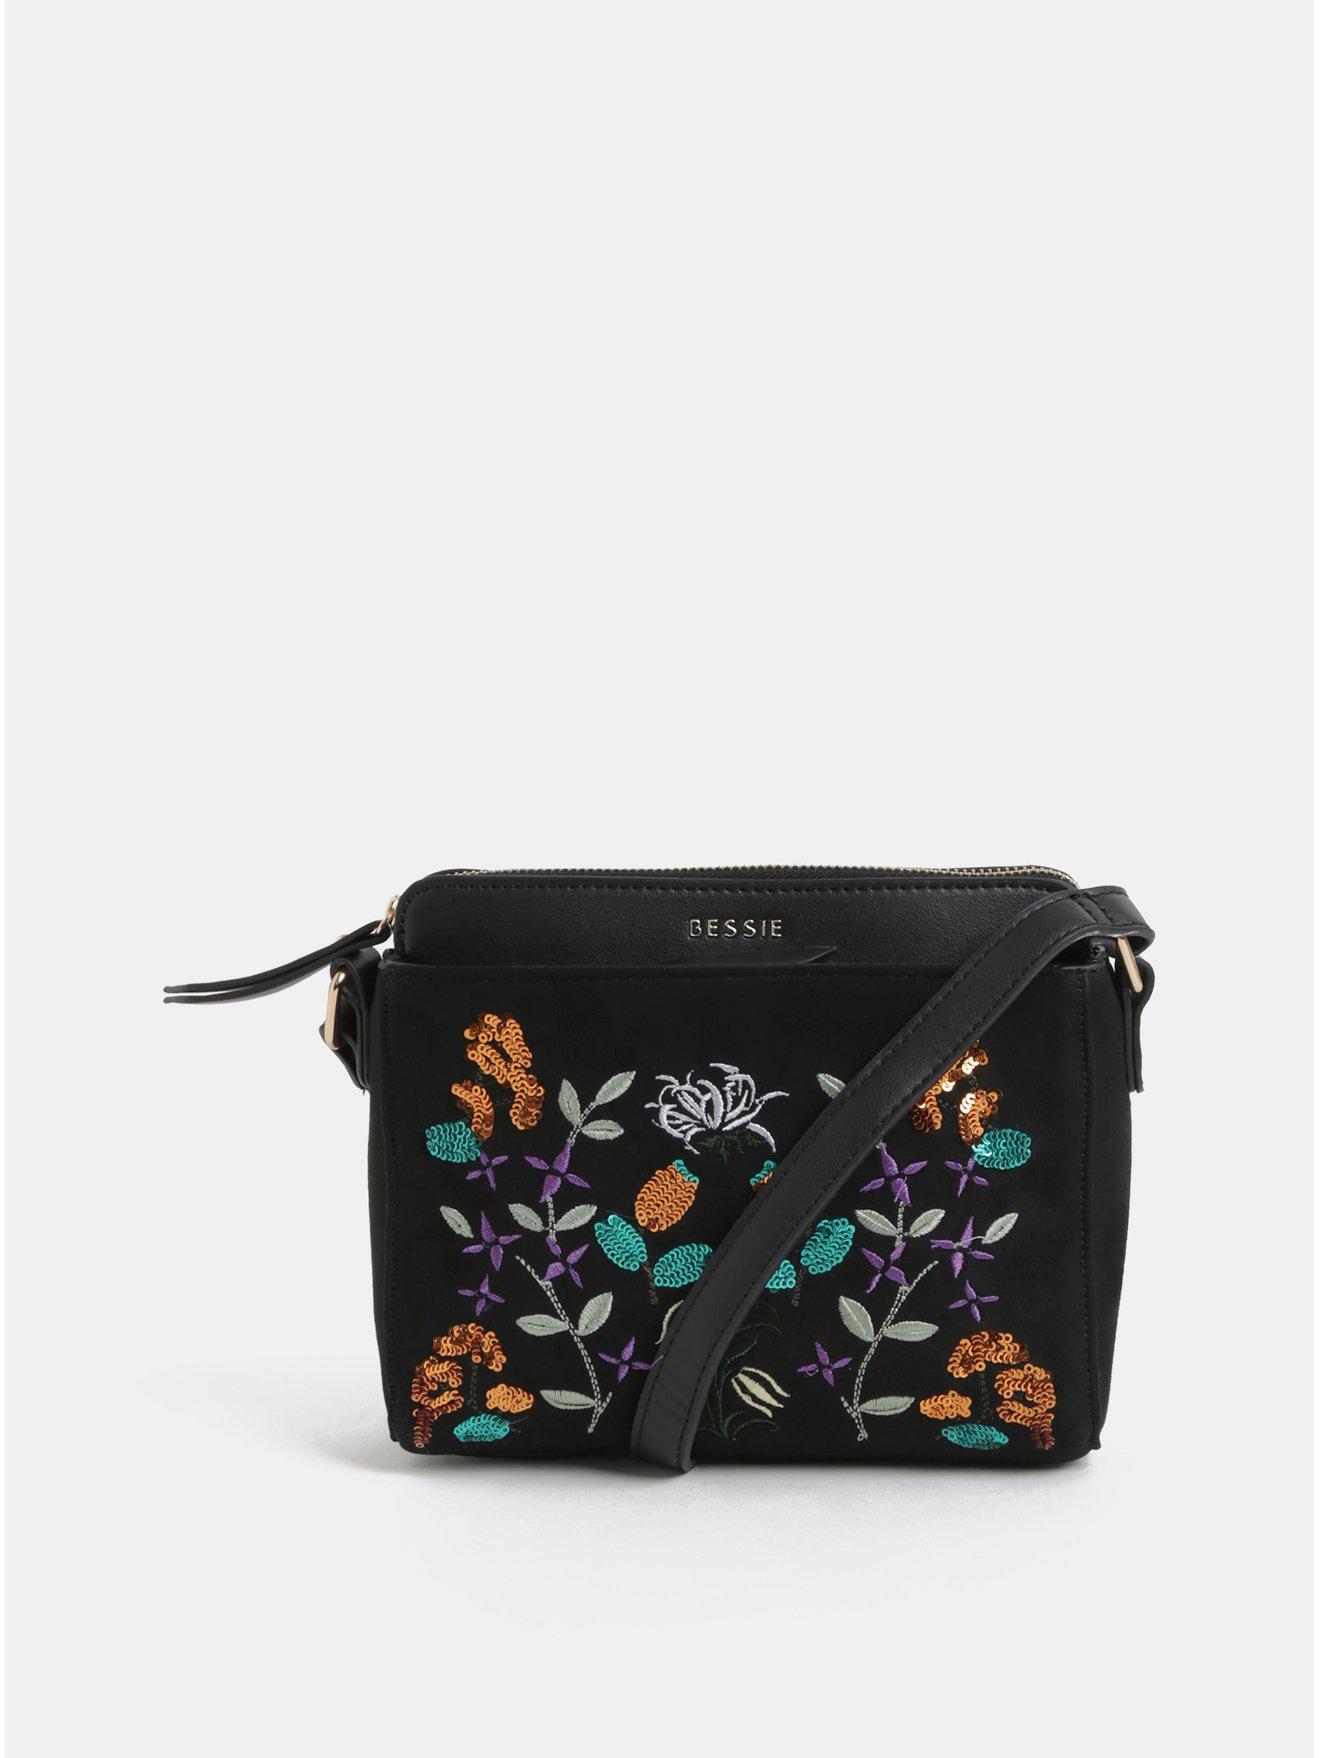 7d08420e89 Čierna crossbody kabelka s výšivkou a detailmi v semišovej úprave Bessie  London